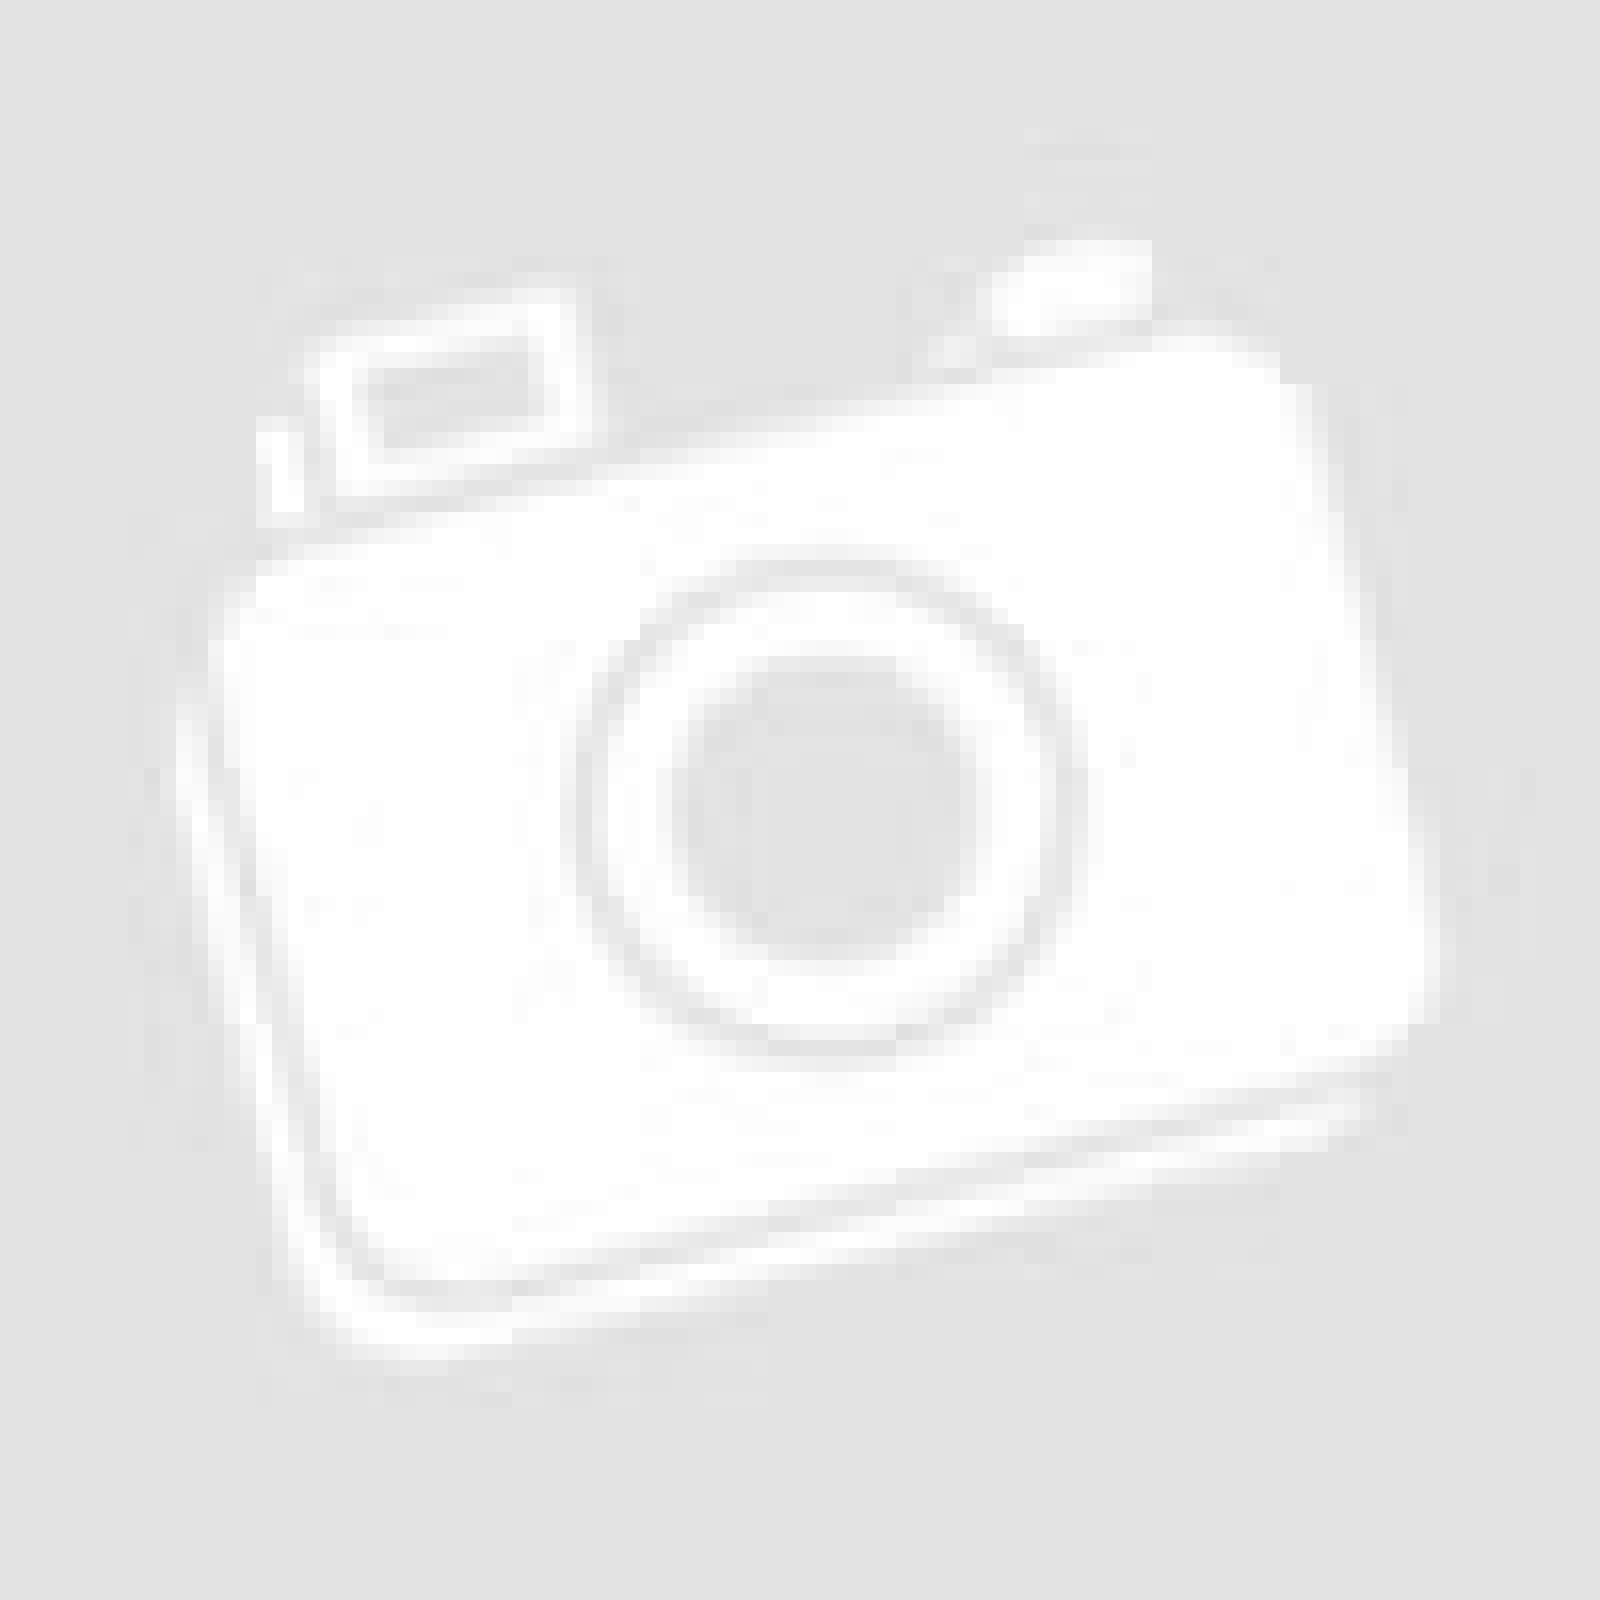 ΝΤΙΖΑ ΧΕΙΡΙΣΤΗΡΙΟΥ C8 - 19 FT ΑΞΕΣΟΥΑΡ-ΑΝΤΑΛΛΑΚΤΙΚΑ ΕΞΩΛΕΜΒΙΩΝ